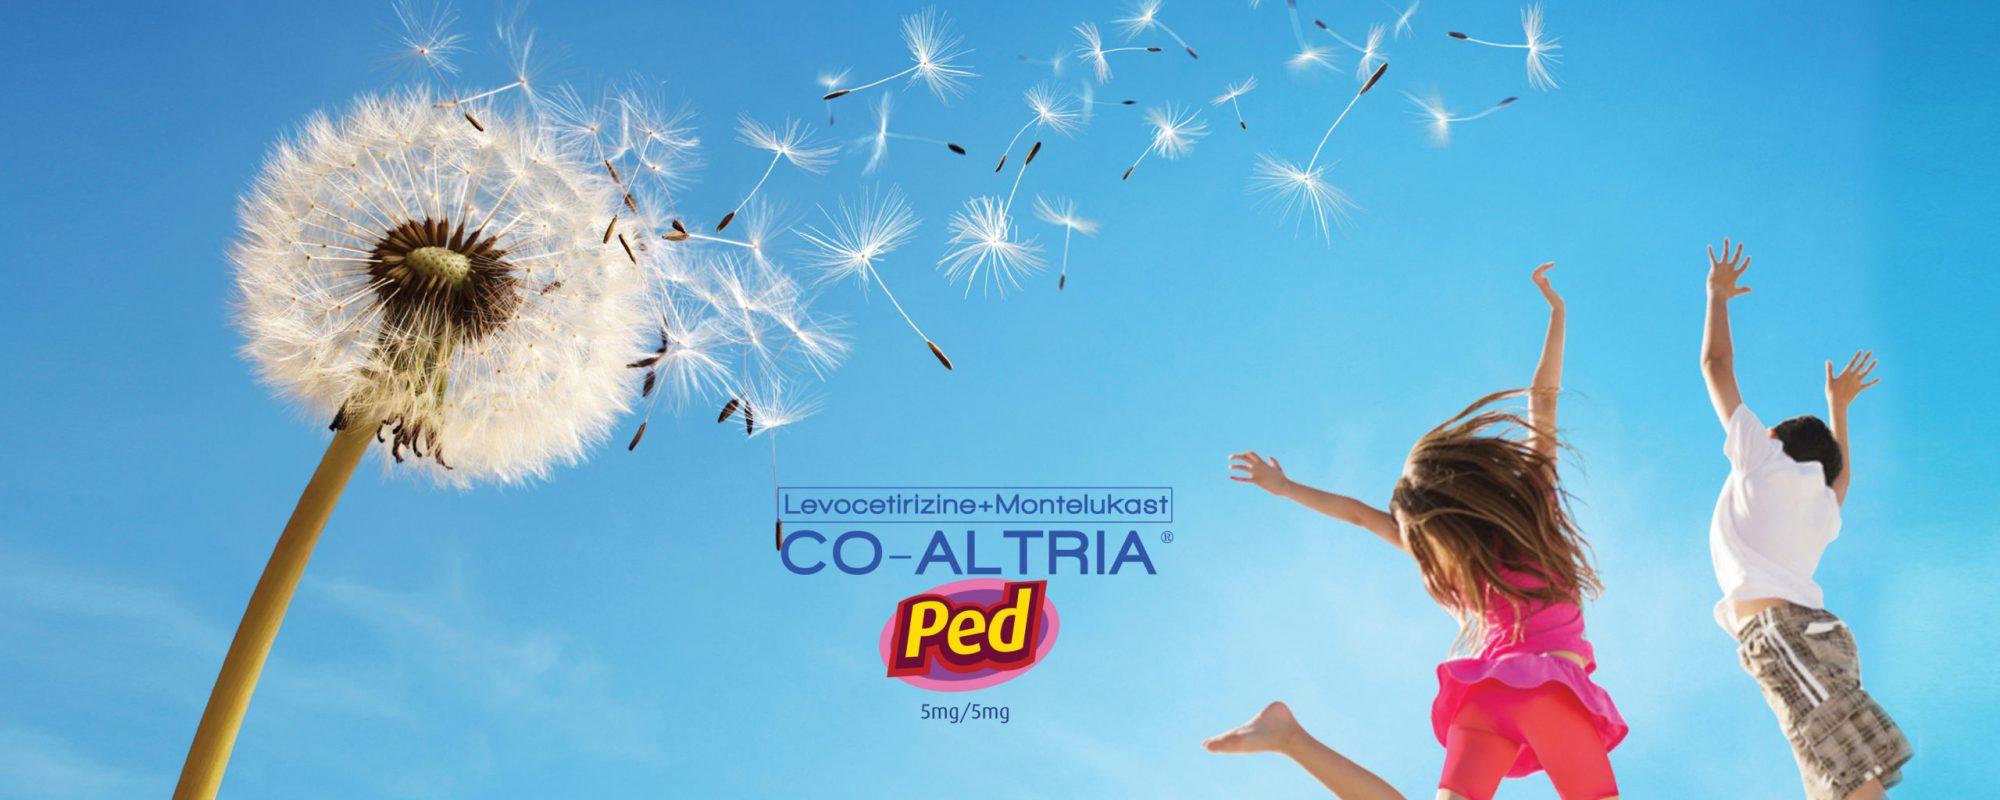 Ajanta Co-Altria Ped3